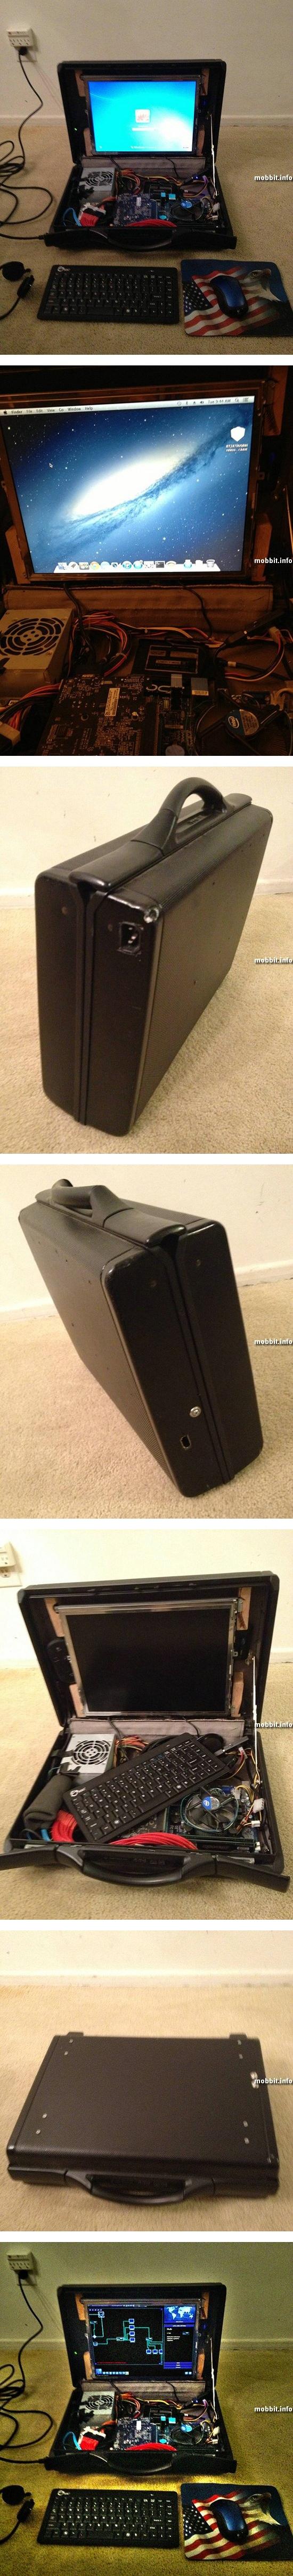 Ноутбук в чемодане